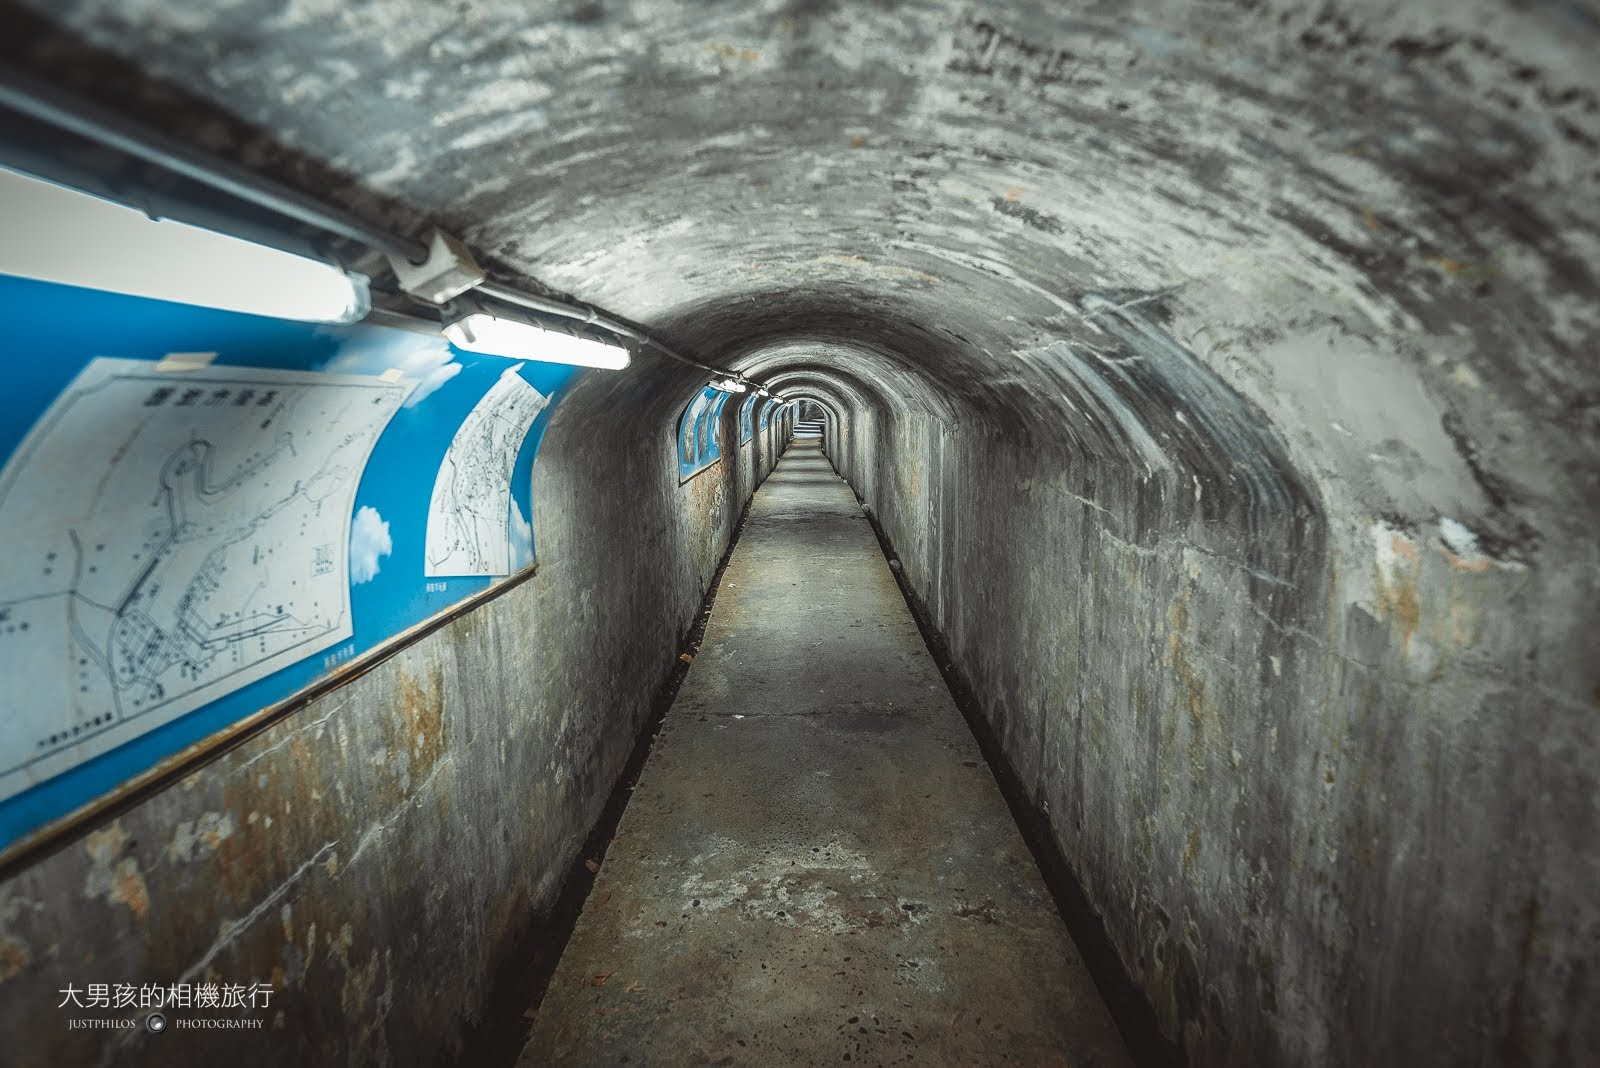 經由當地里長的整理,百年防空洞內現在非常明亮,也有一些歷史文獻可以閱覽。